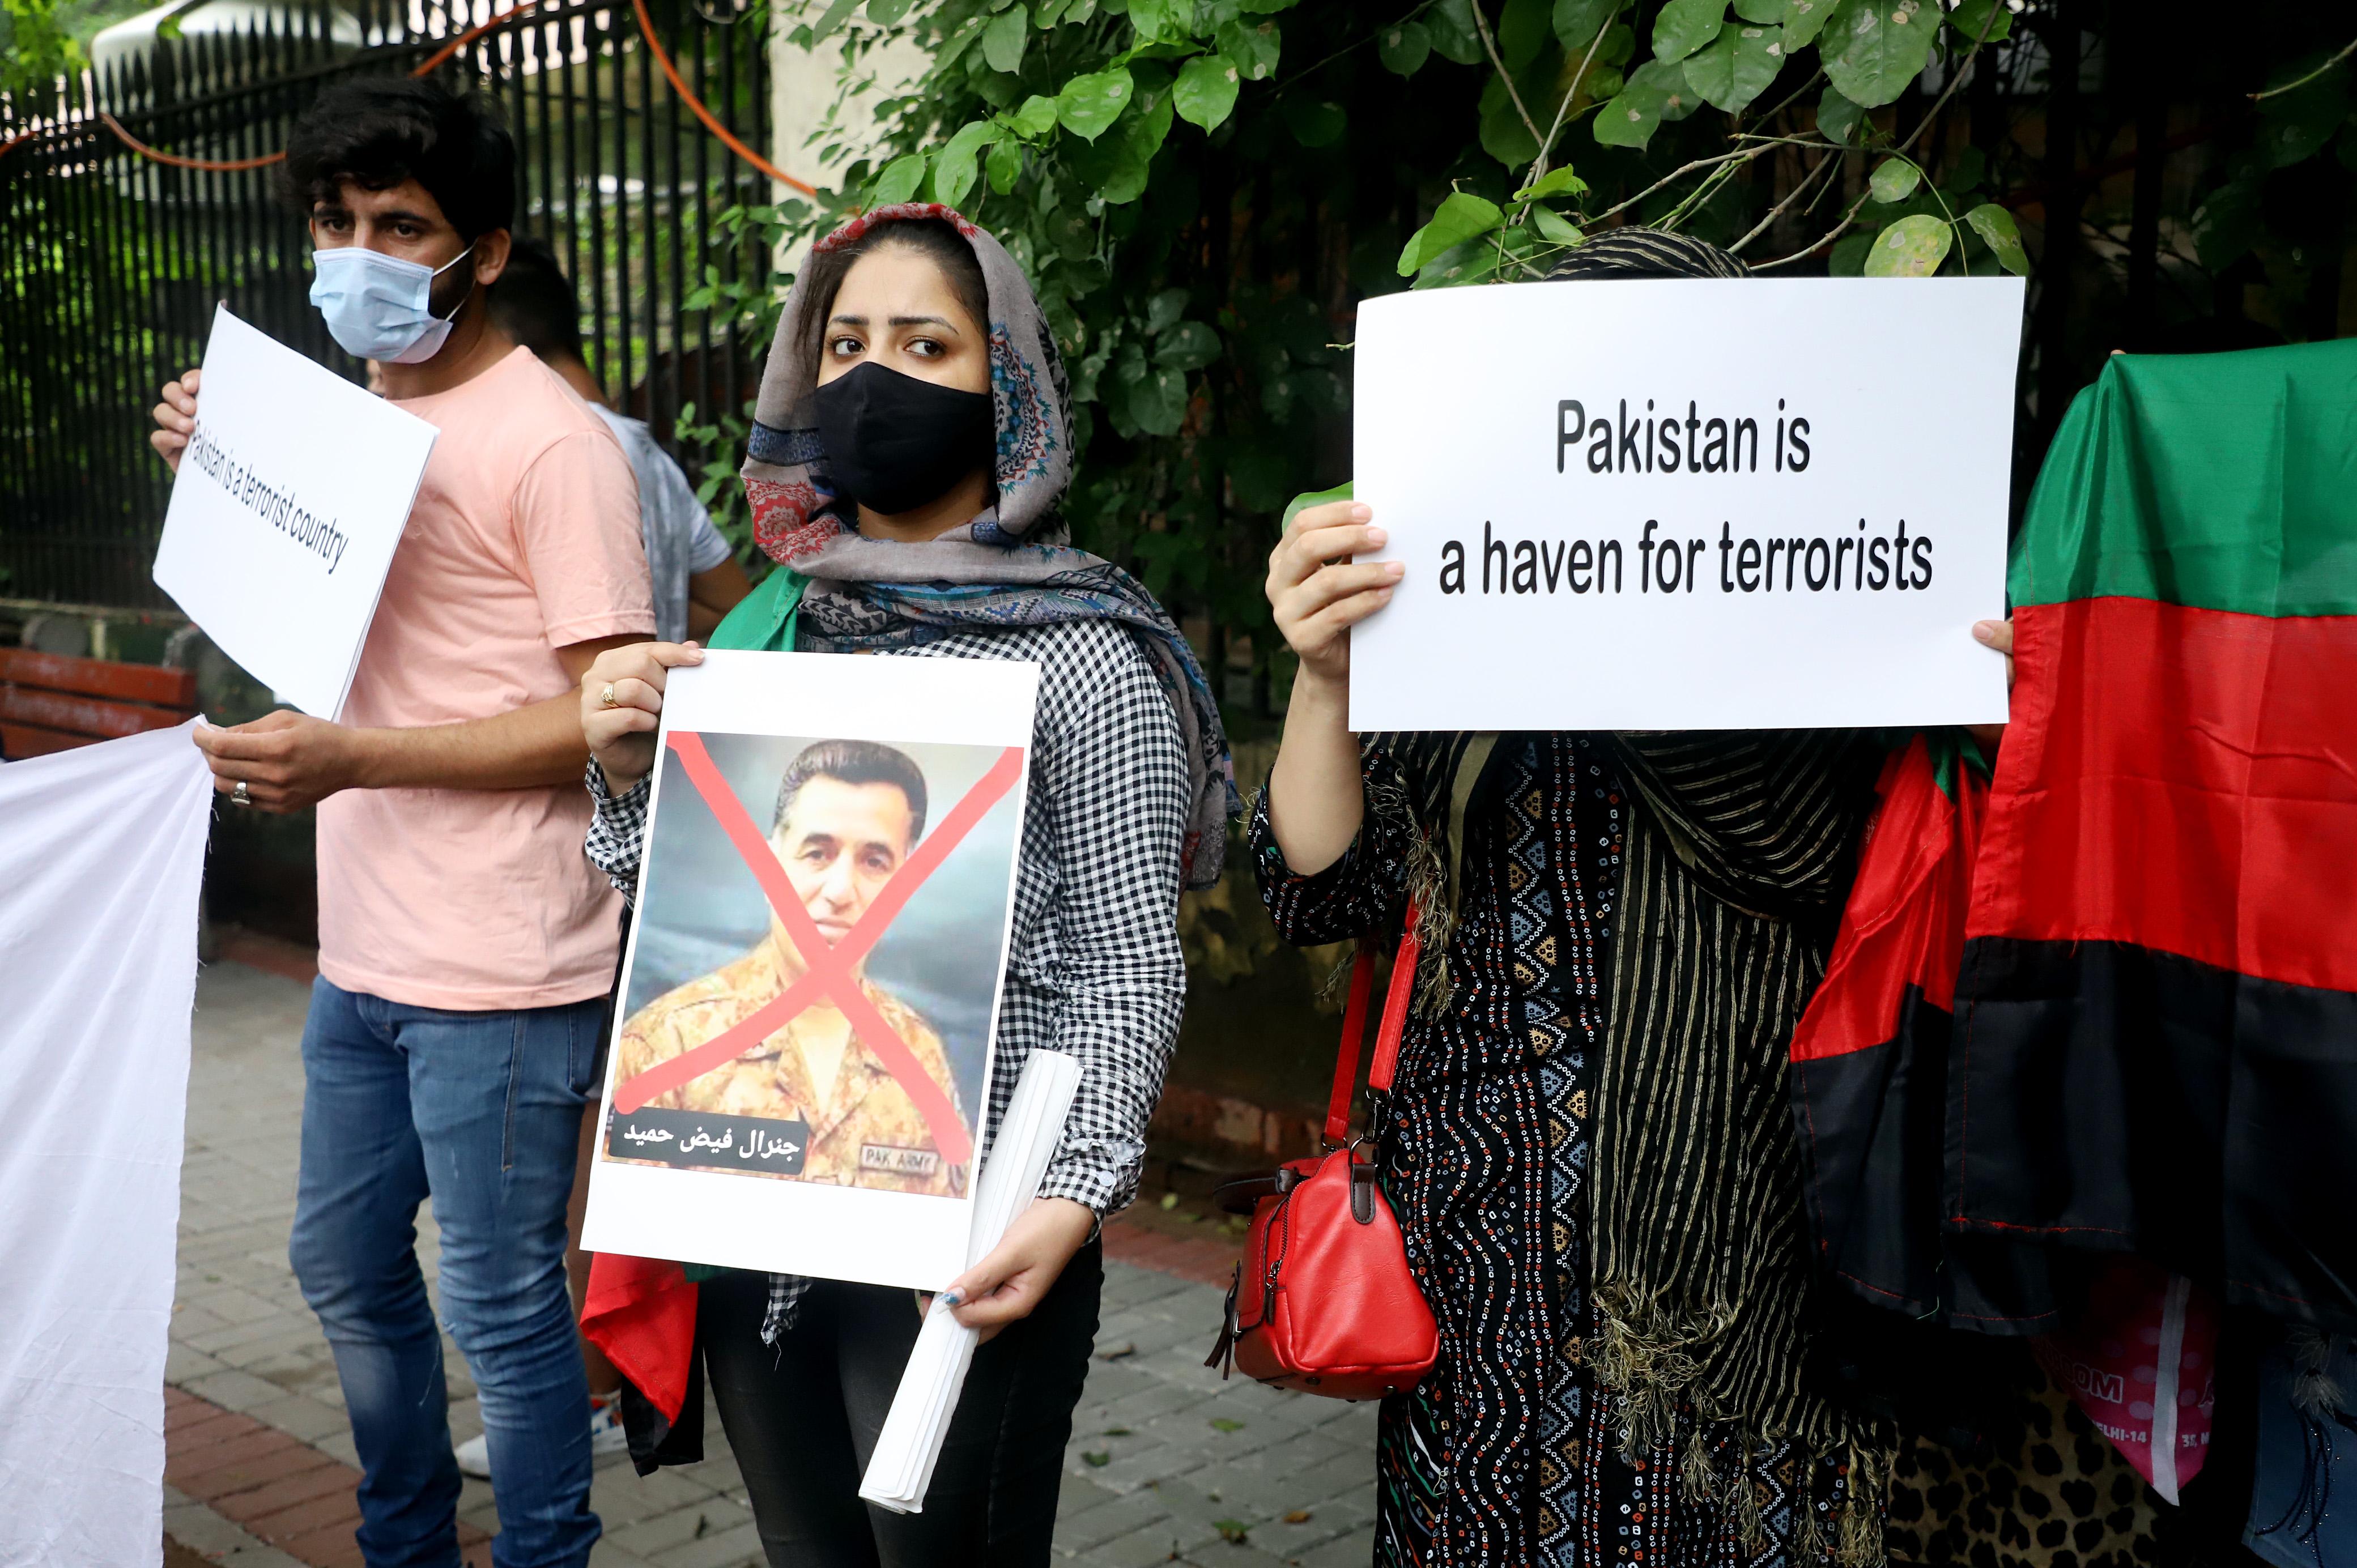 पाकिस्तान विरोधी तख्तियां लिए हुए प्रदर्शन करते हुए अफगानी युवा।